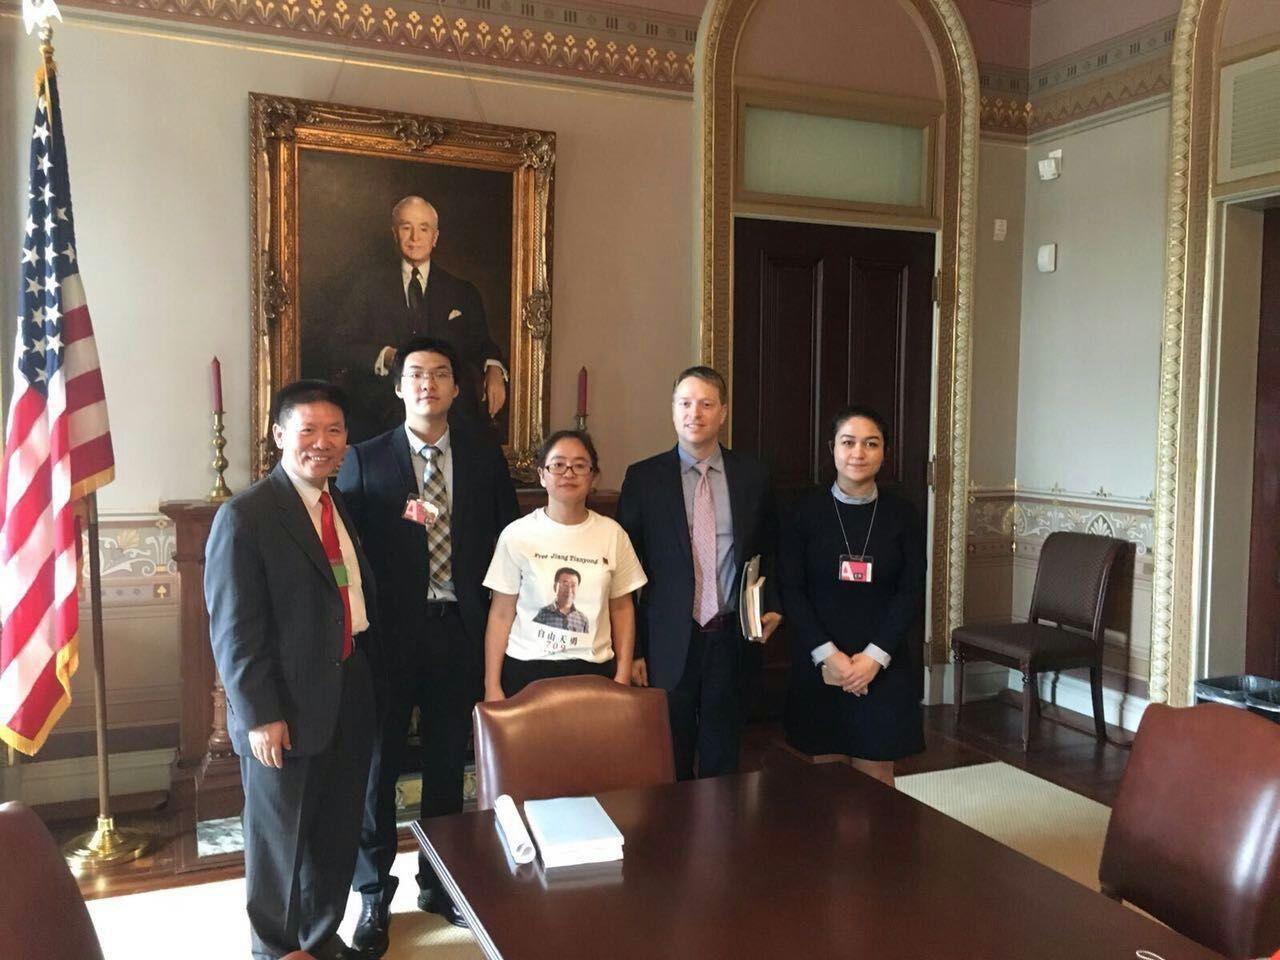 大陸人權律師江天勇遭中共迫害被判刑2年,將於2月28日刑滿釋放,家人呼籲國際社會給予關注。圖為江妻金變玲在美國白宮與白宮官員合照。(受訪者提供)